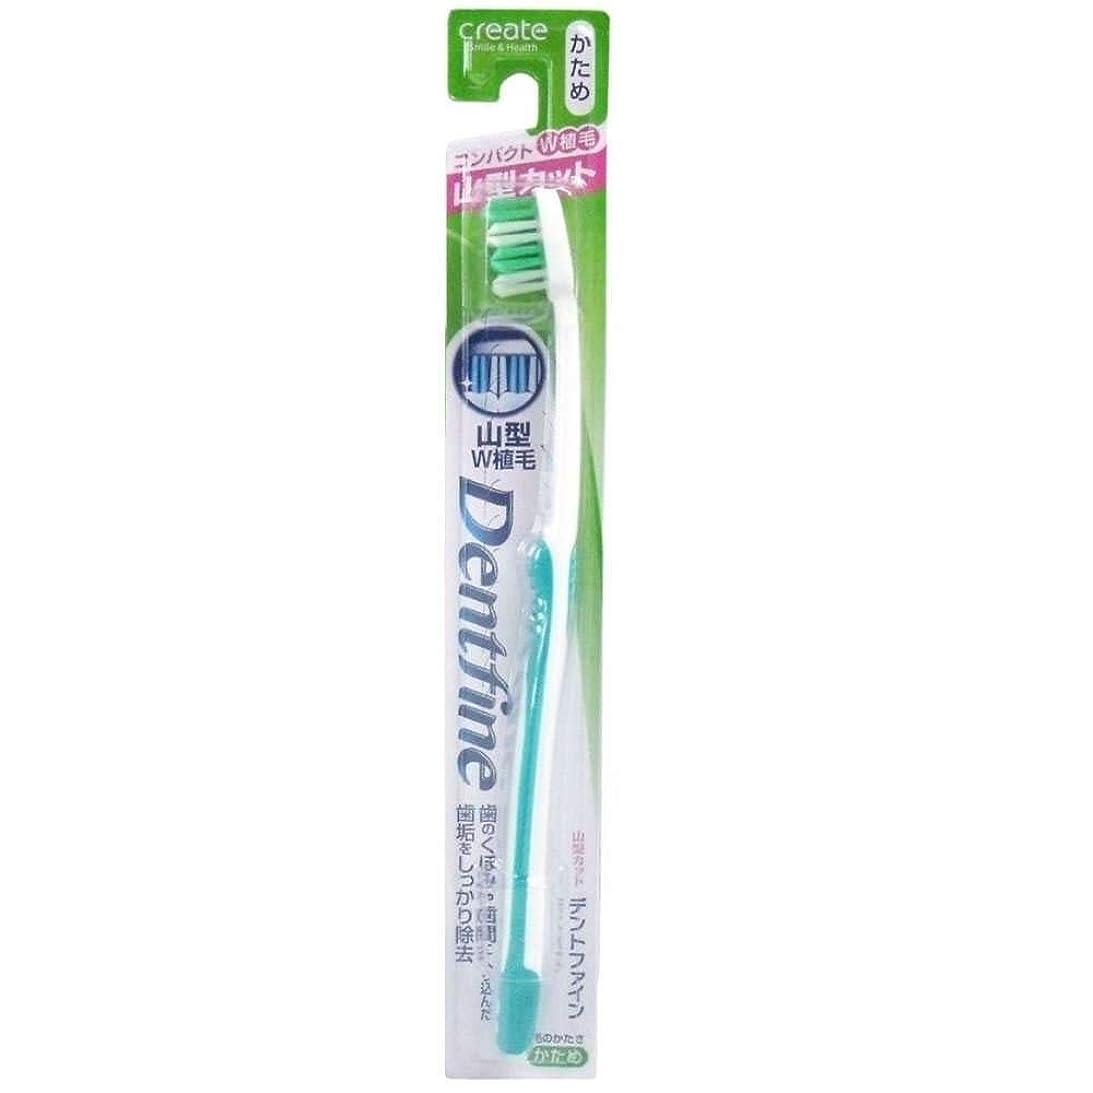 立場ボルト検査デントファイン ラバーグリップ 山切りカット 歯ブラシ かため 1本:グリーン